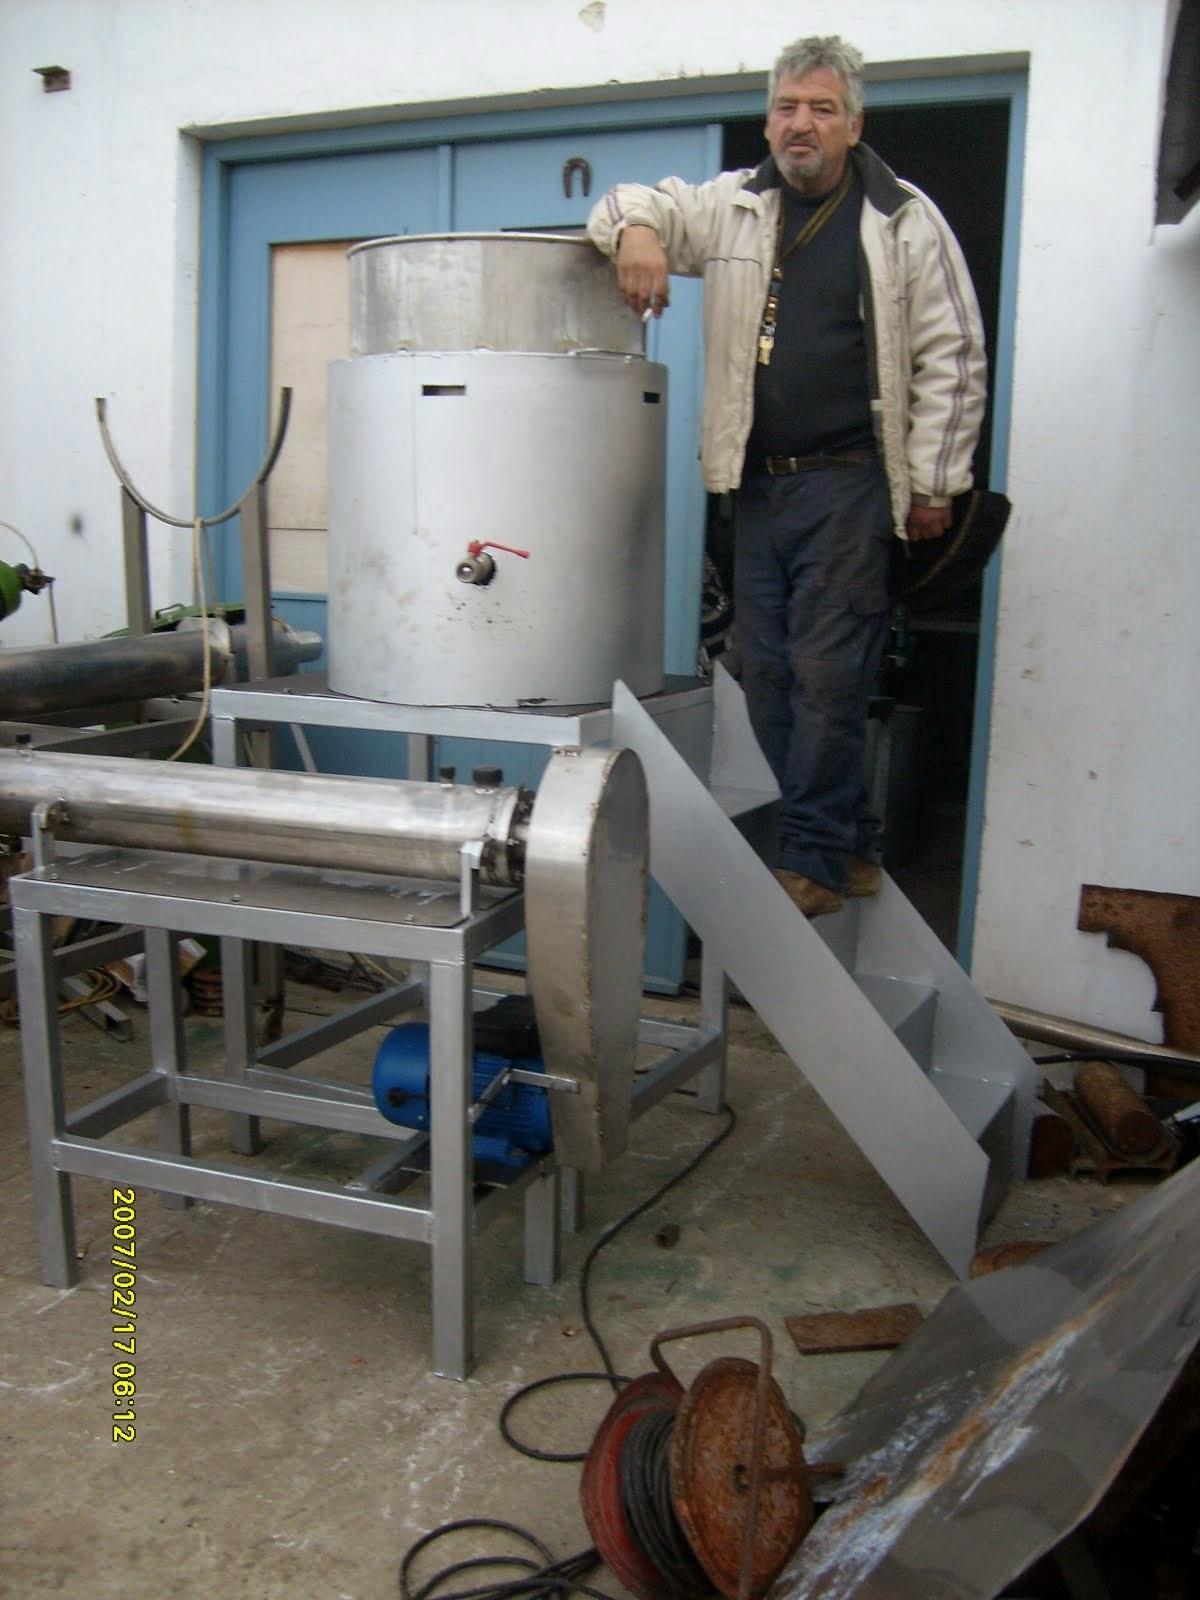 βανιλομηχανή 1,2 με καζανι που βραζει 150 κιλά ζάχαρη